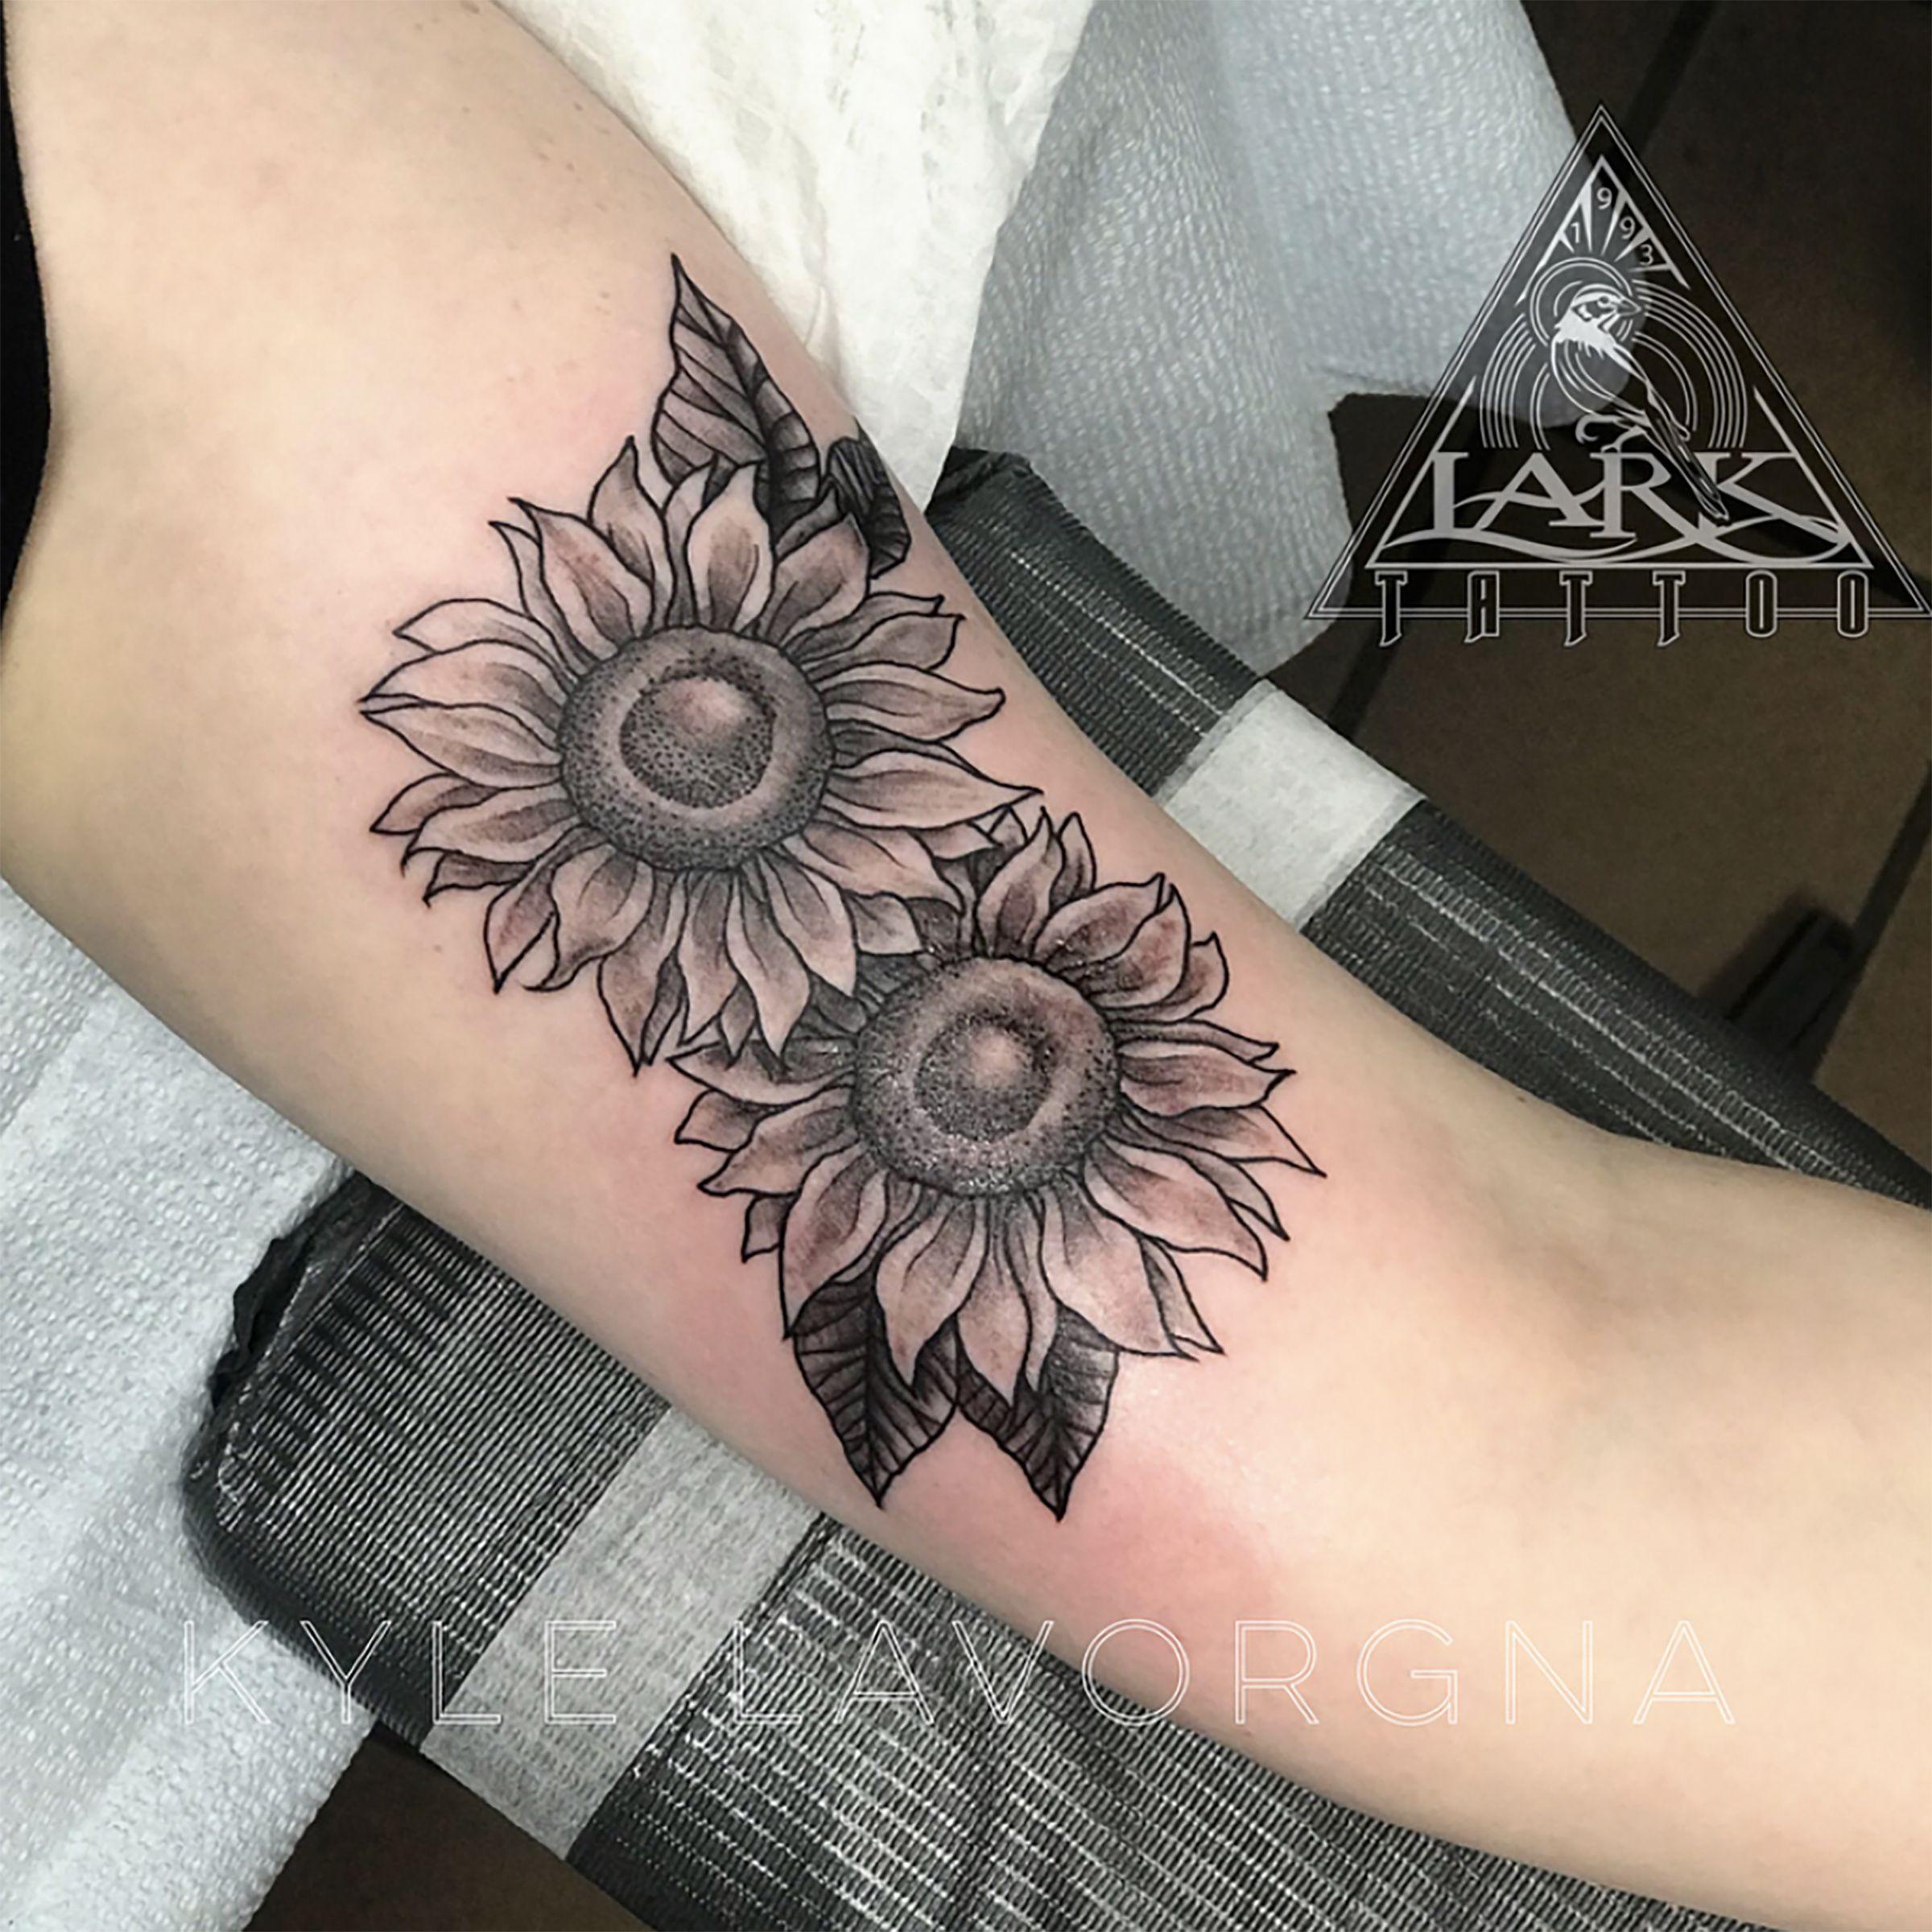 Kyle lark tattoo tattoos life tattoos